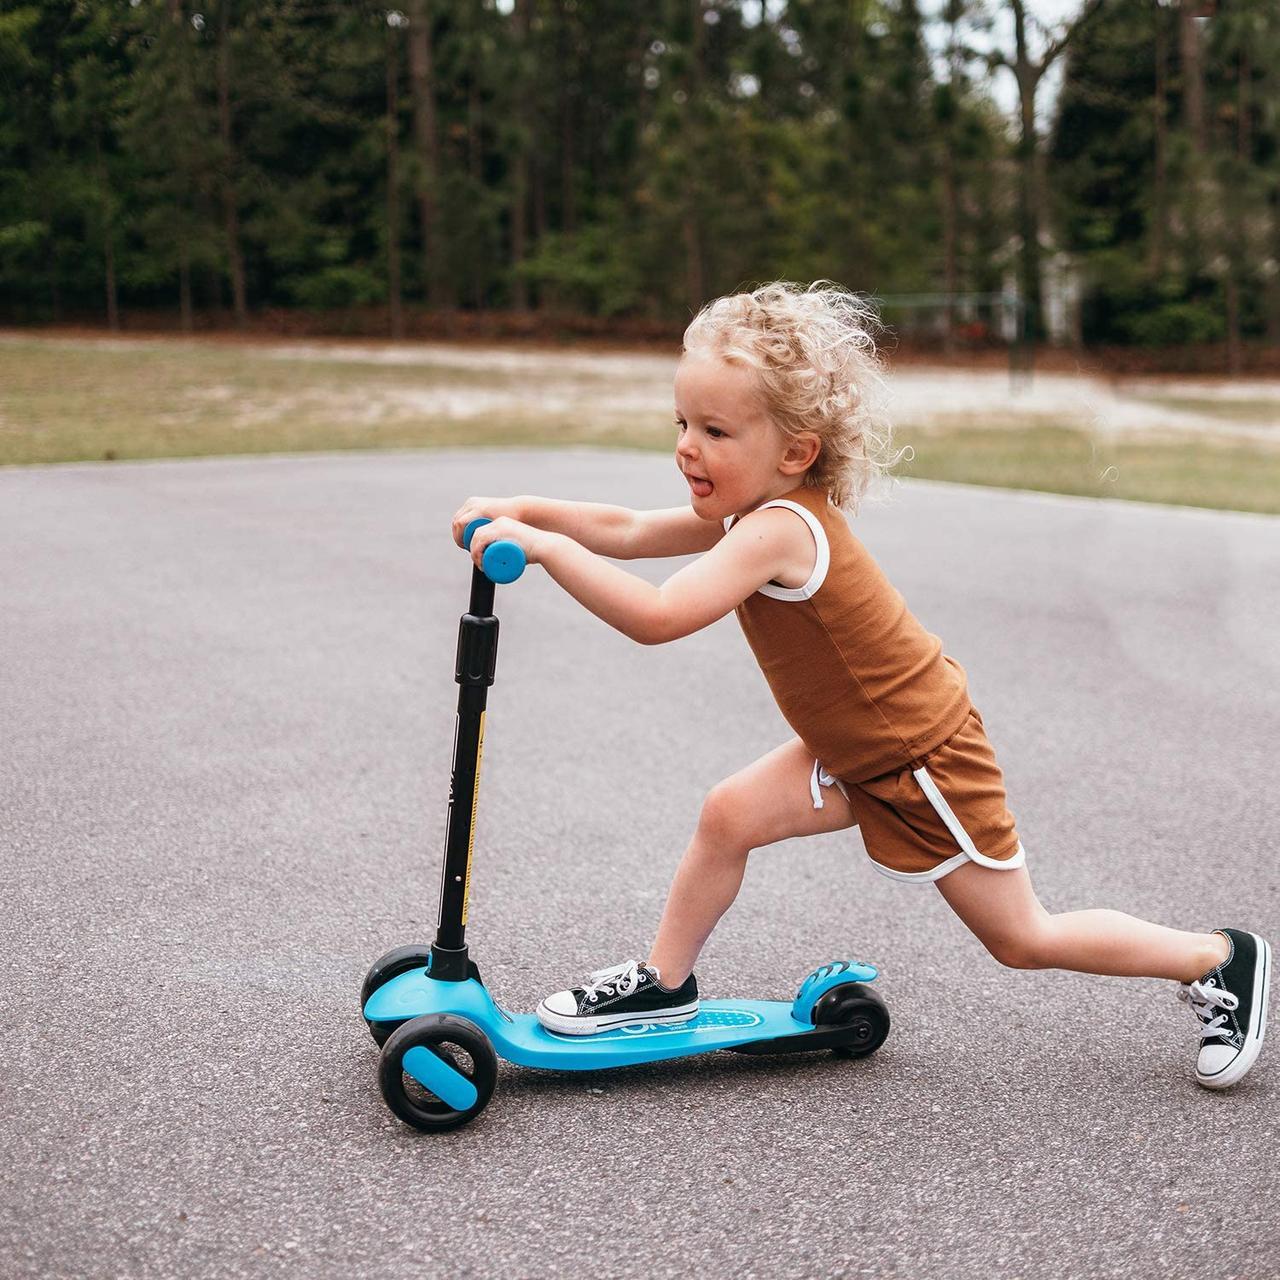 Детский трехколесный самокат Kick Scooter Складной Голубой, фото 2